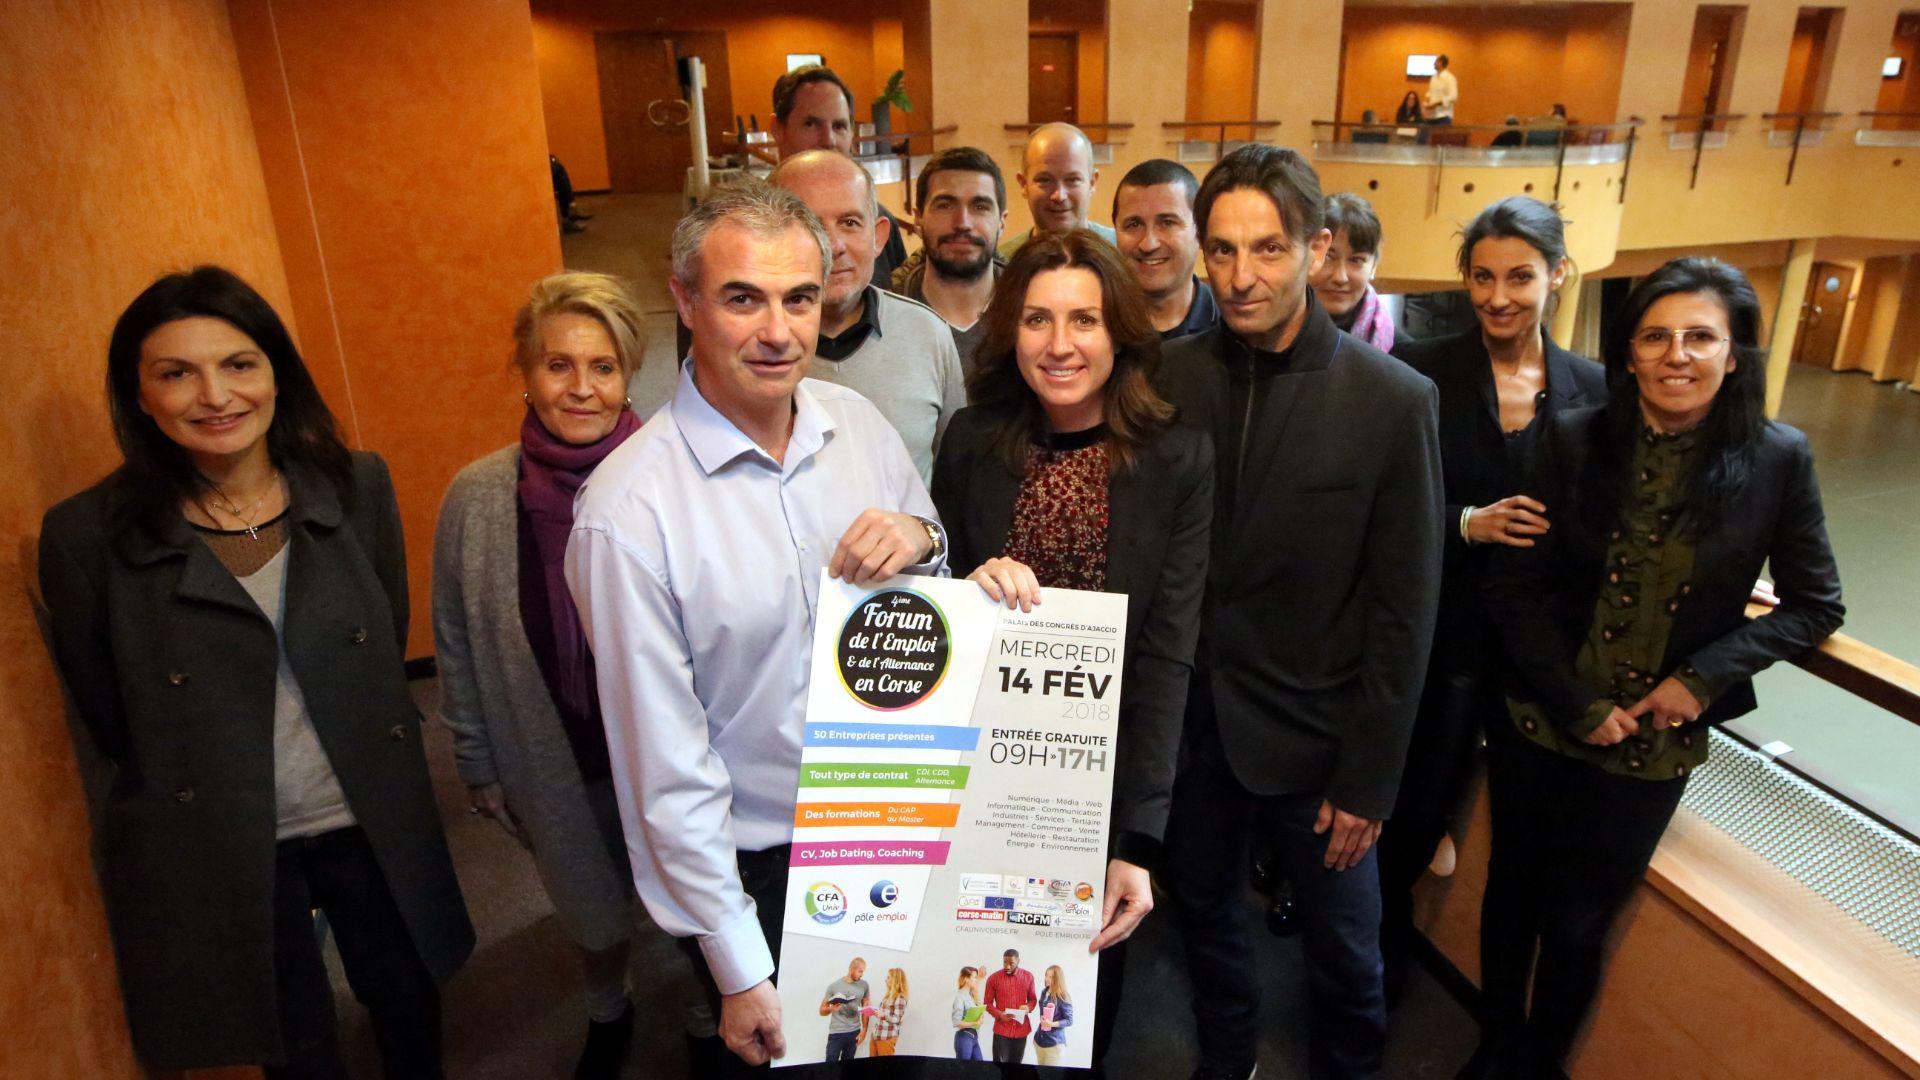 Le Job Forum de l'Emploi et de l'Alternance aura lieu le 14 février à Ajaccio